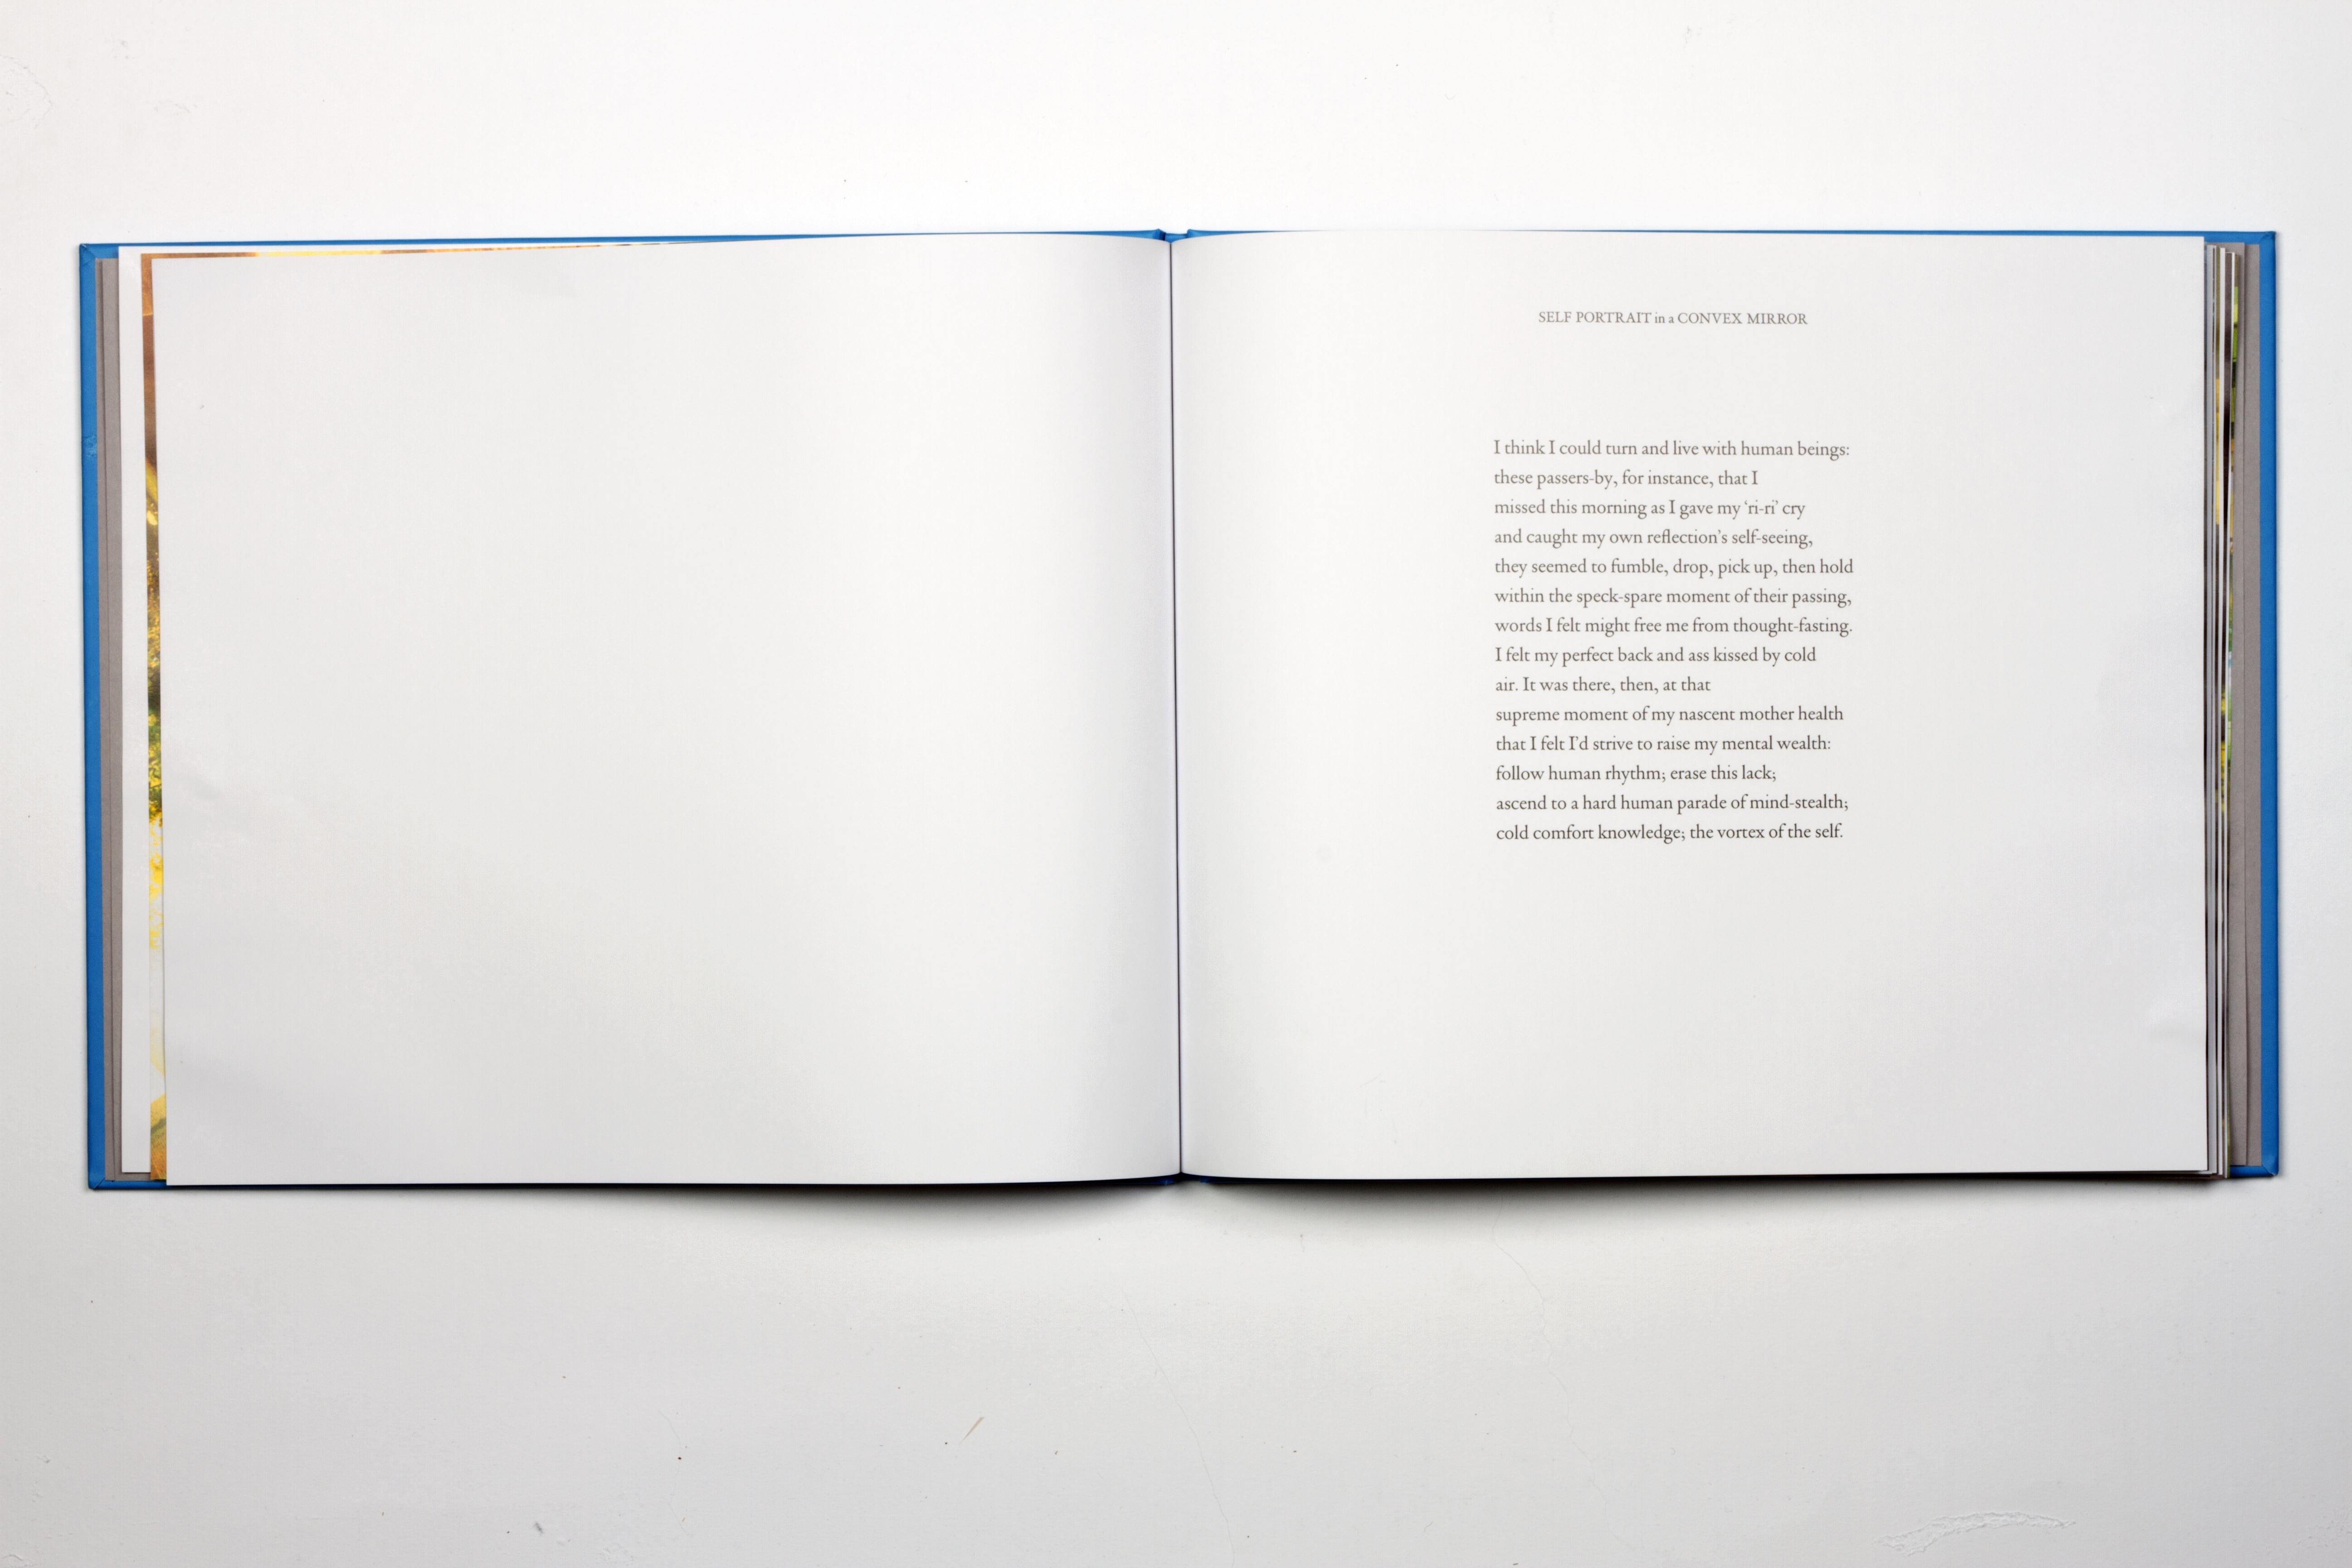 halcyon book spread 22015-01-27 01.38.34